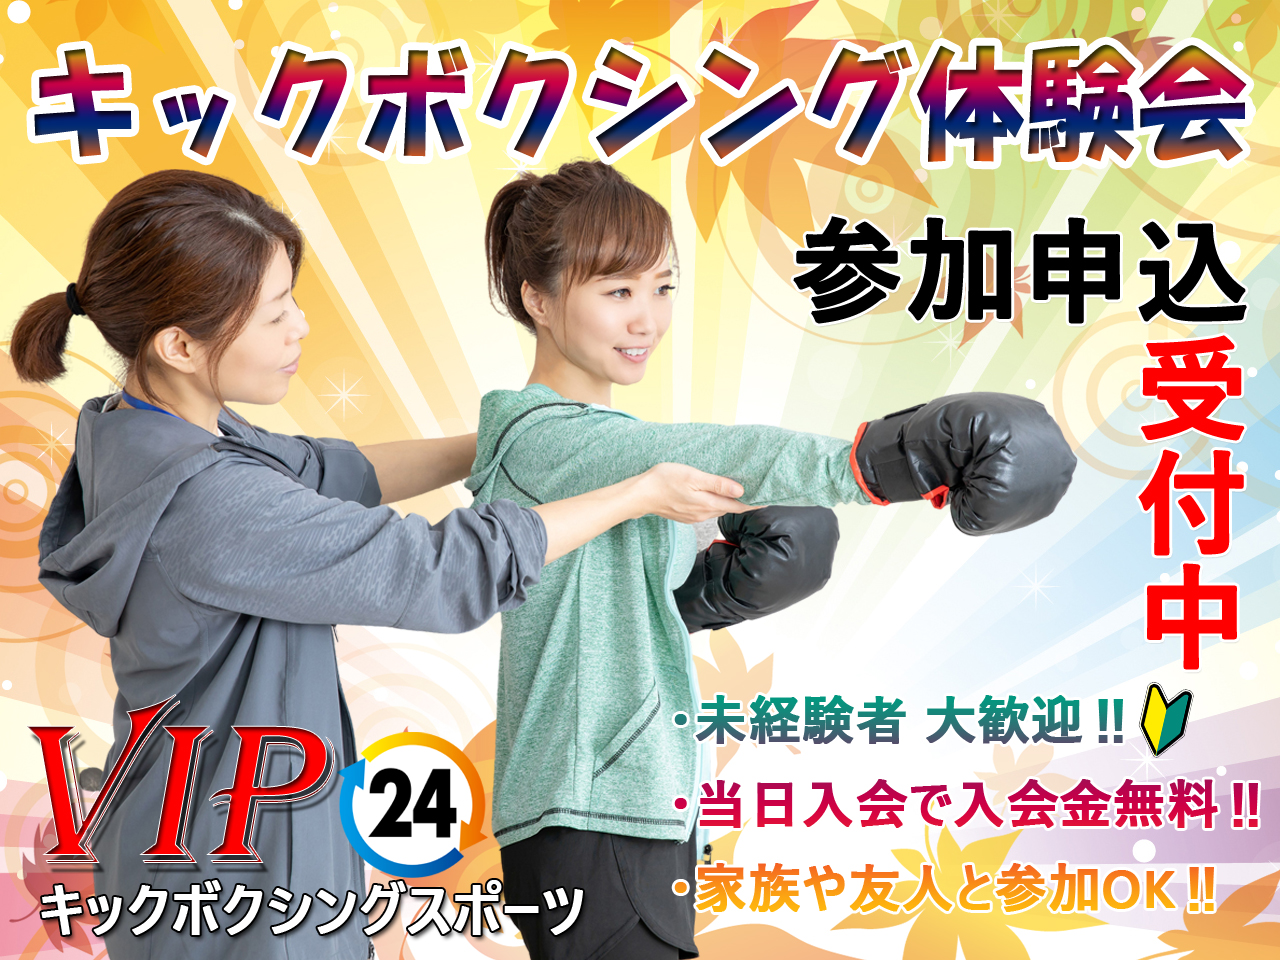 鶴岡VIPキックボクシングスポーツ24